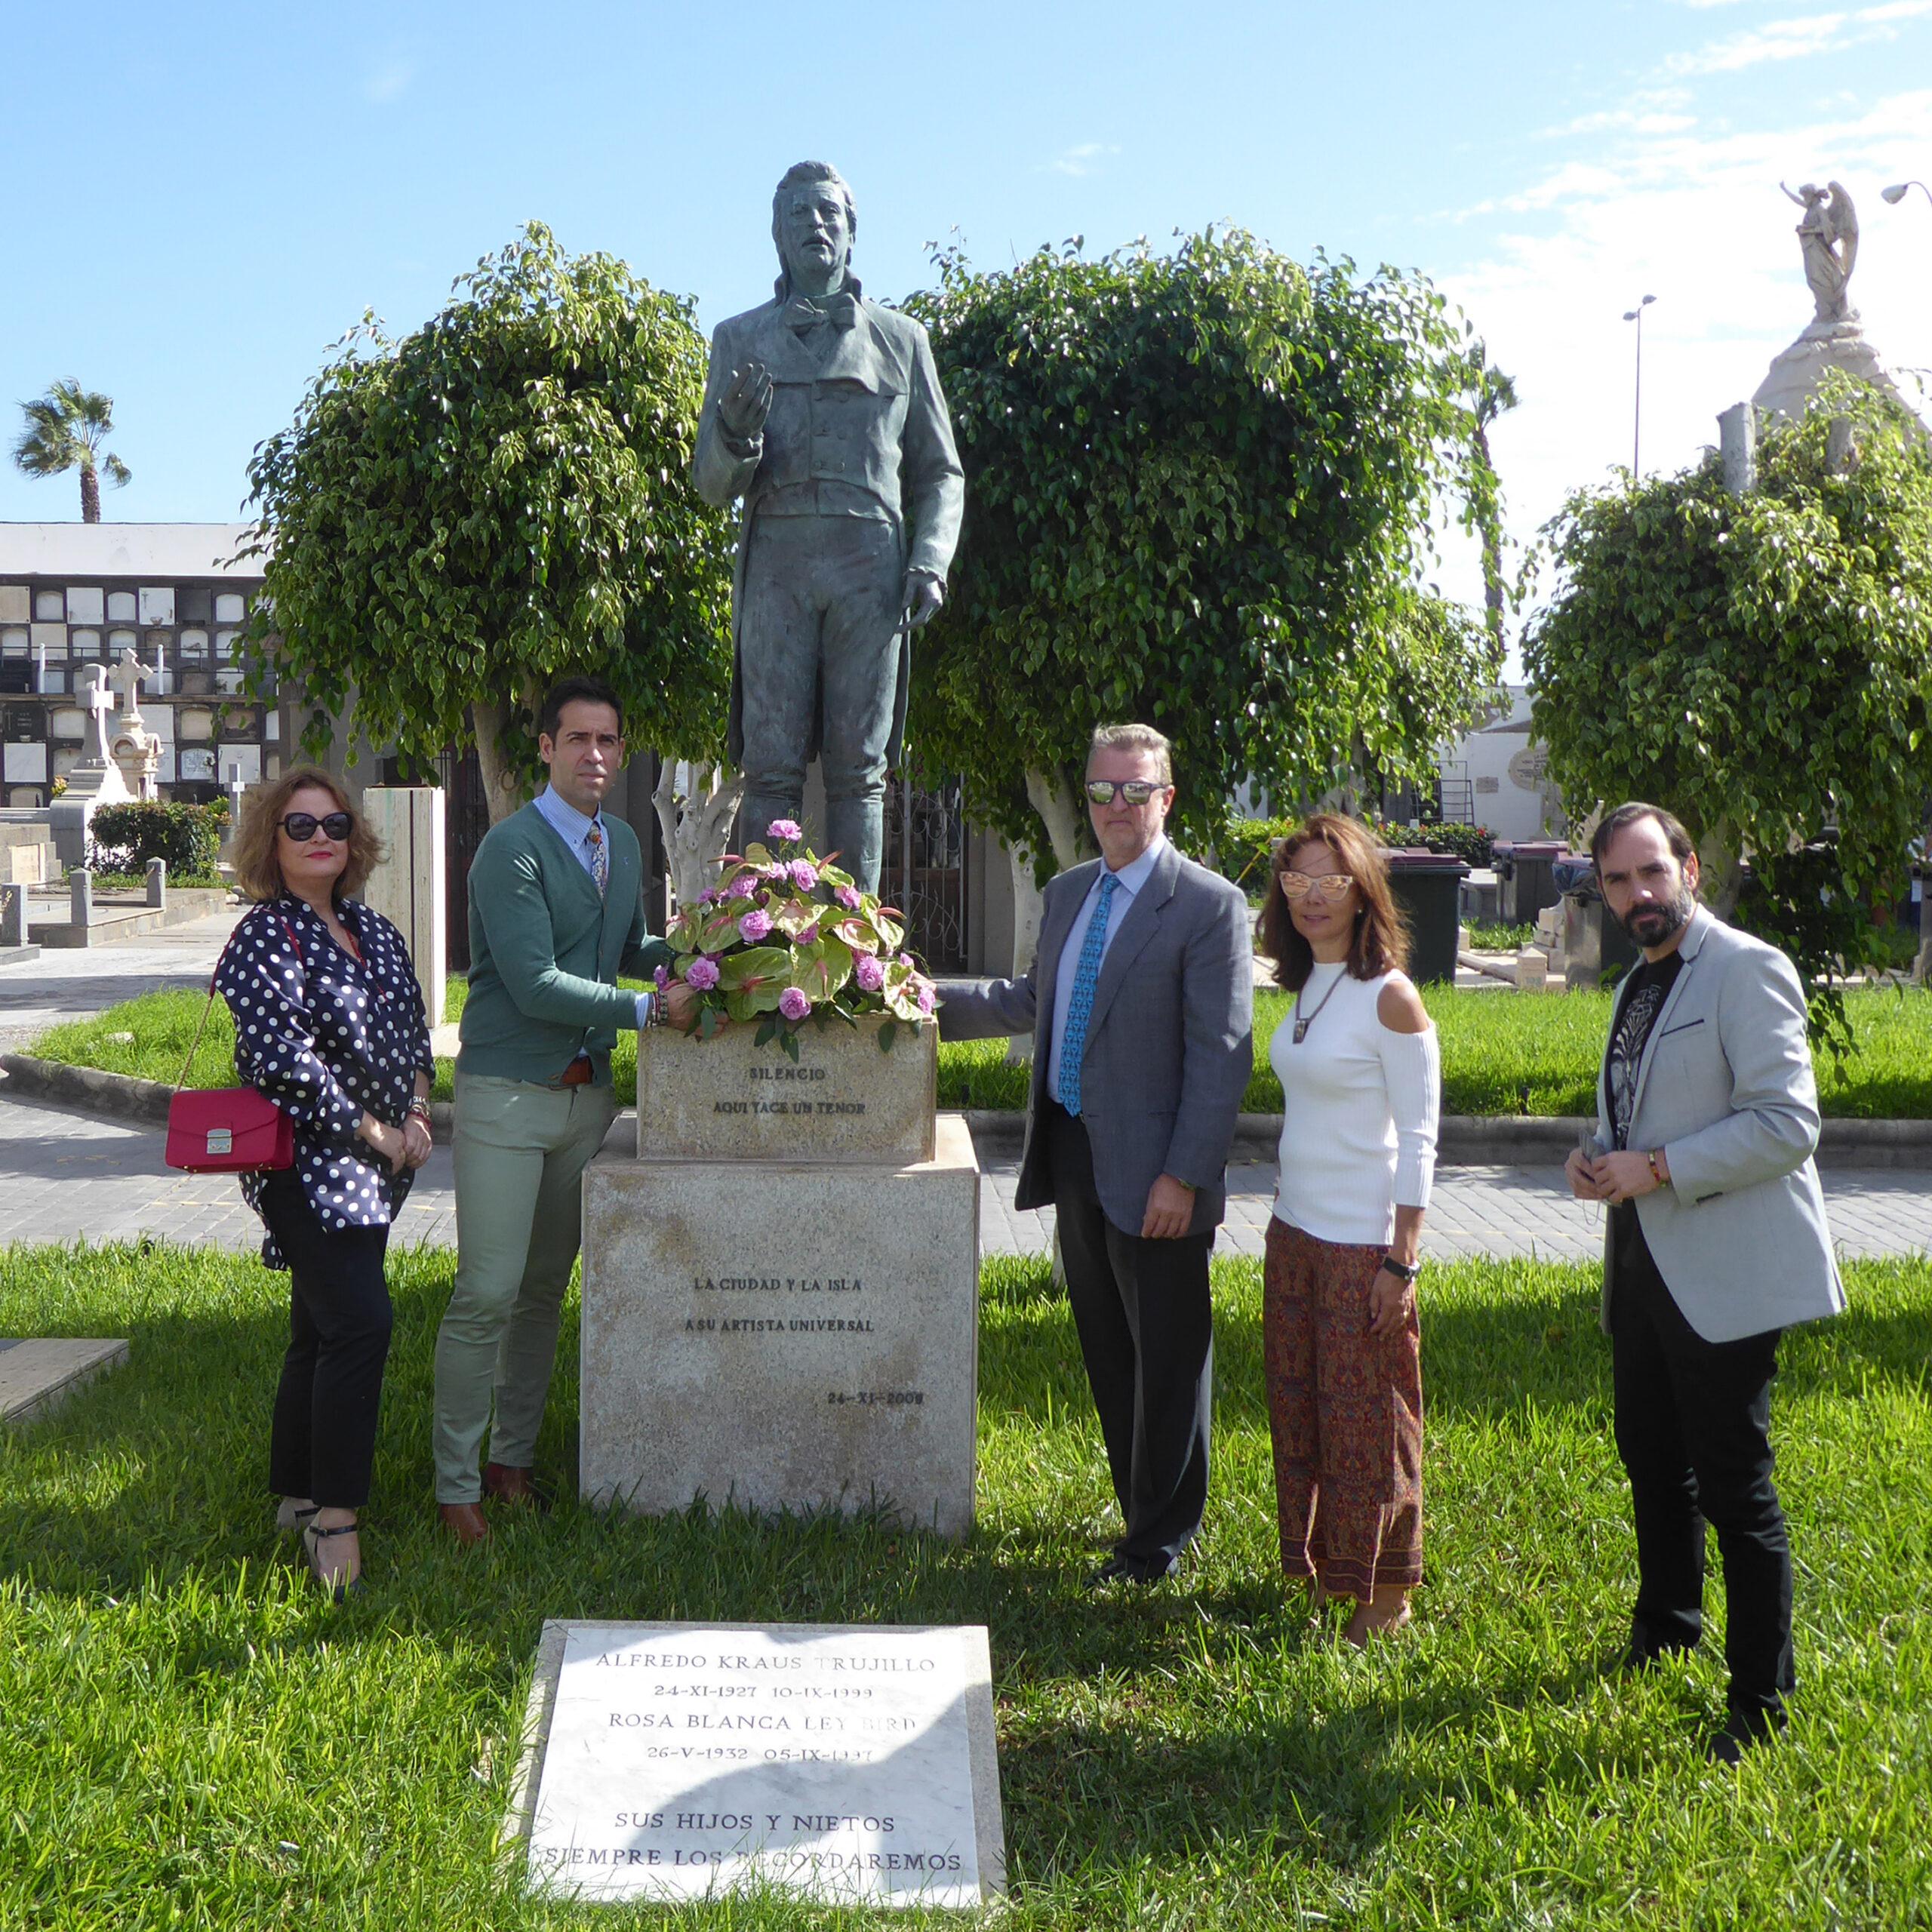 El tenor Ismael Jordi y el pianista Rubén Fernández Aguirre participan en una ofrenda floral a Alfredo Kraus en el cementerio de Vegueta